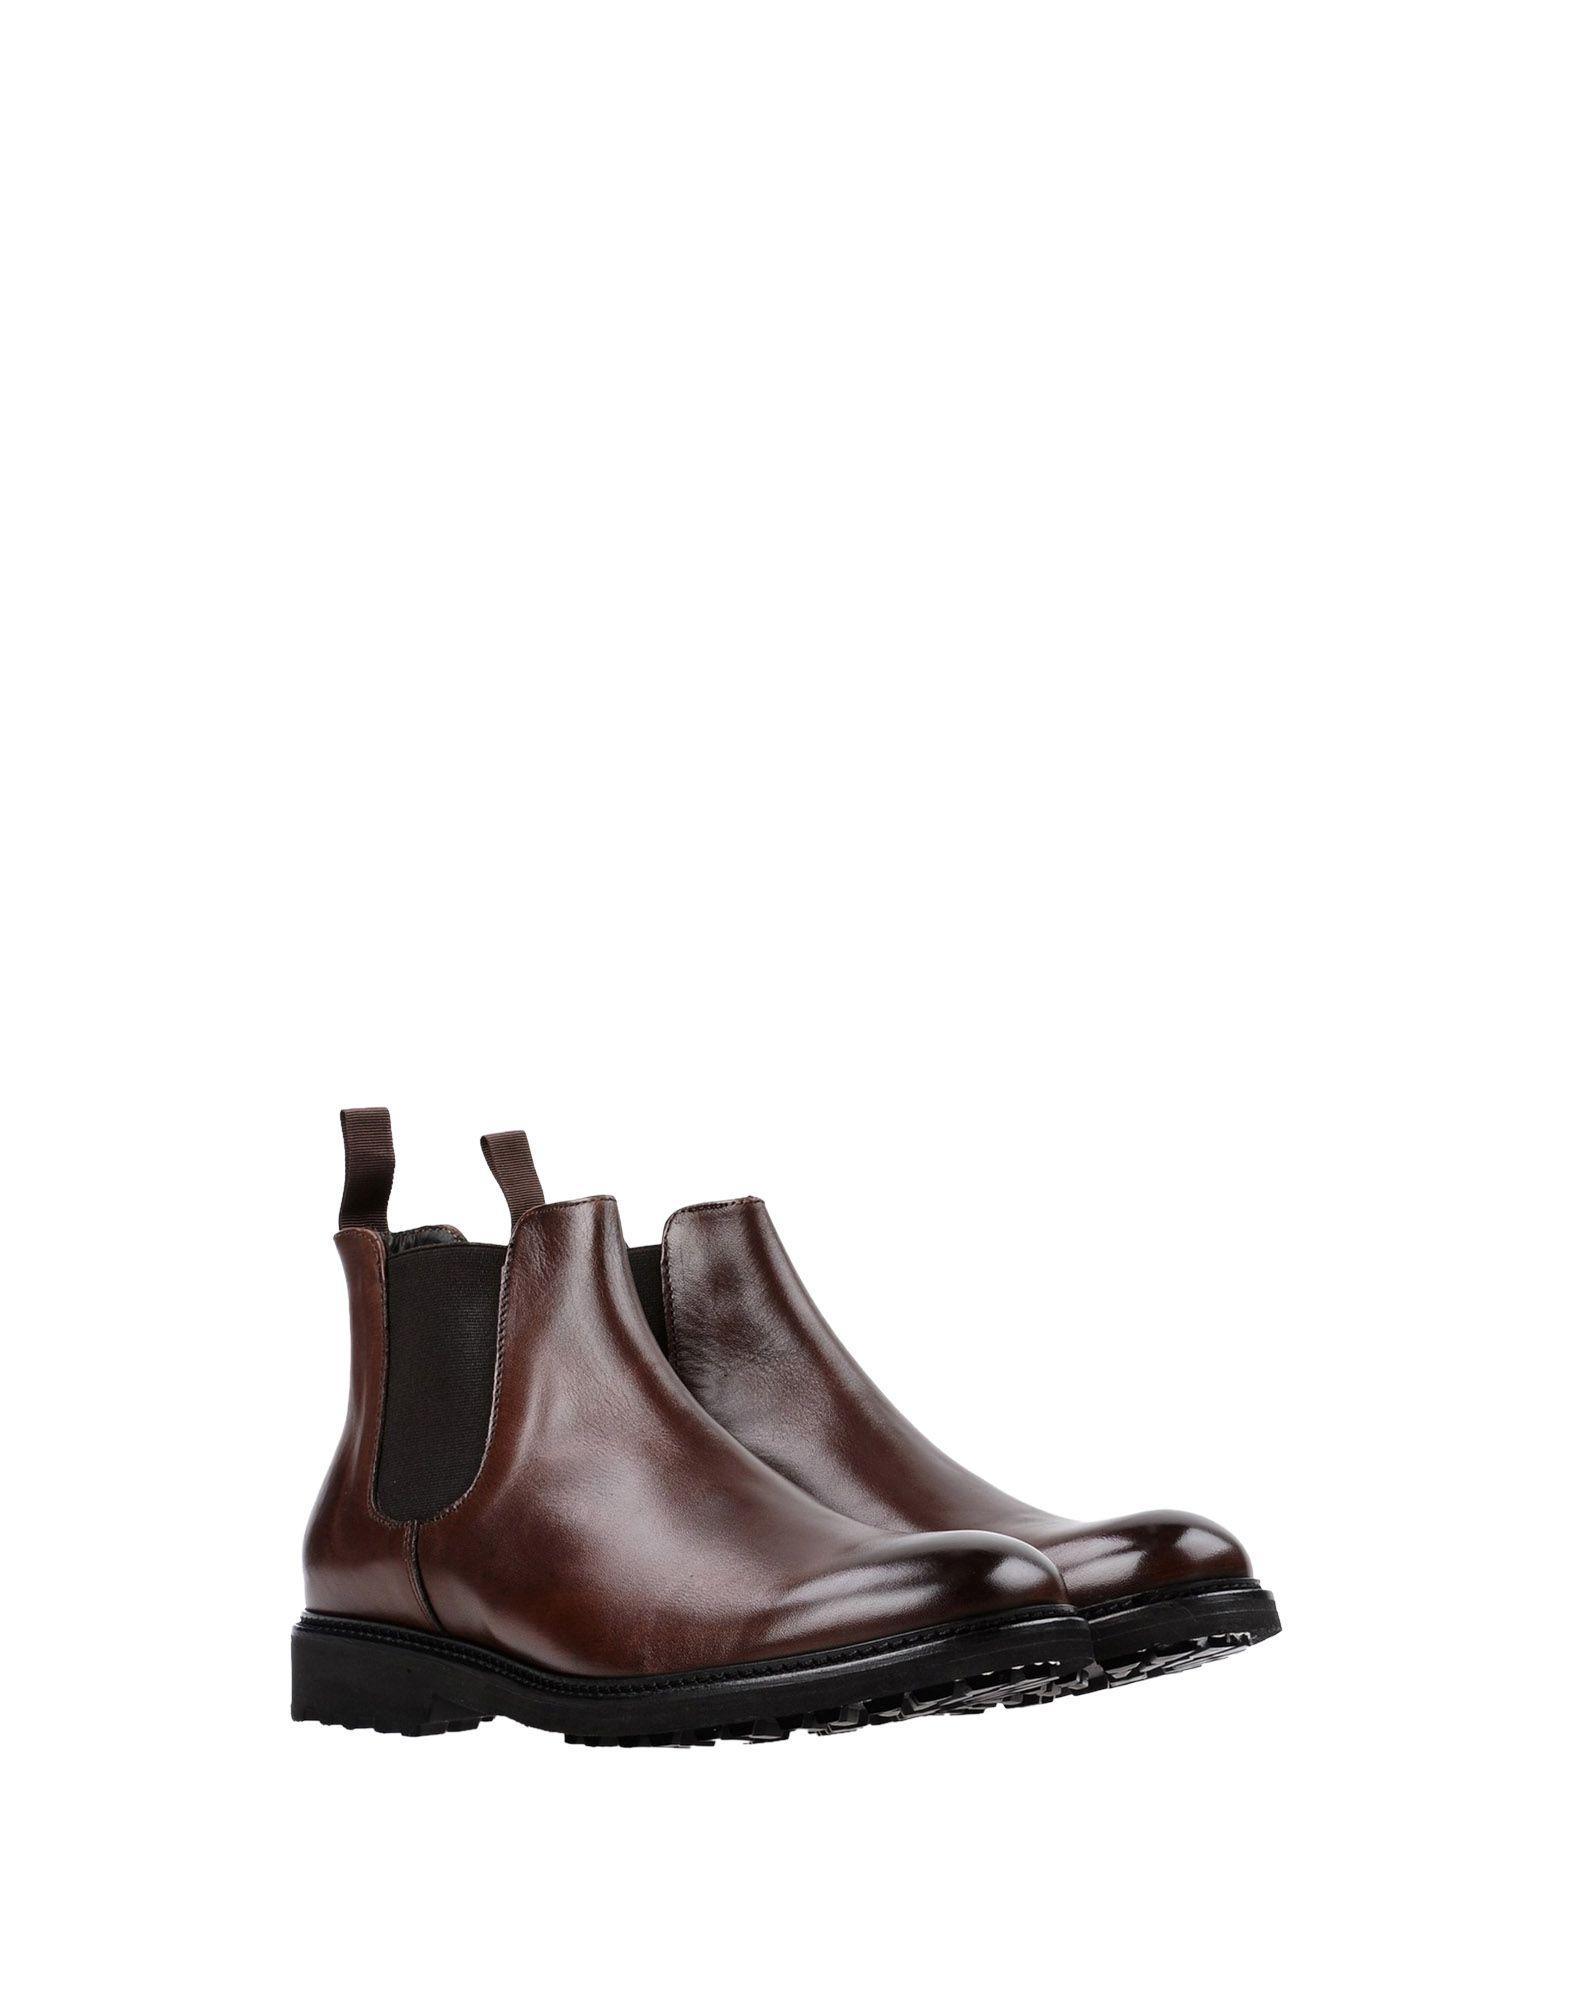 Marechiaro 1962 Stiefelette Herren  11331110ET Gute Qualität beliebte Schuhe